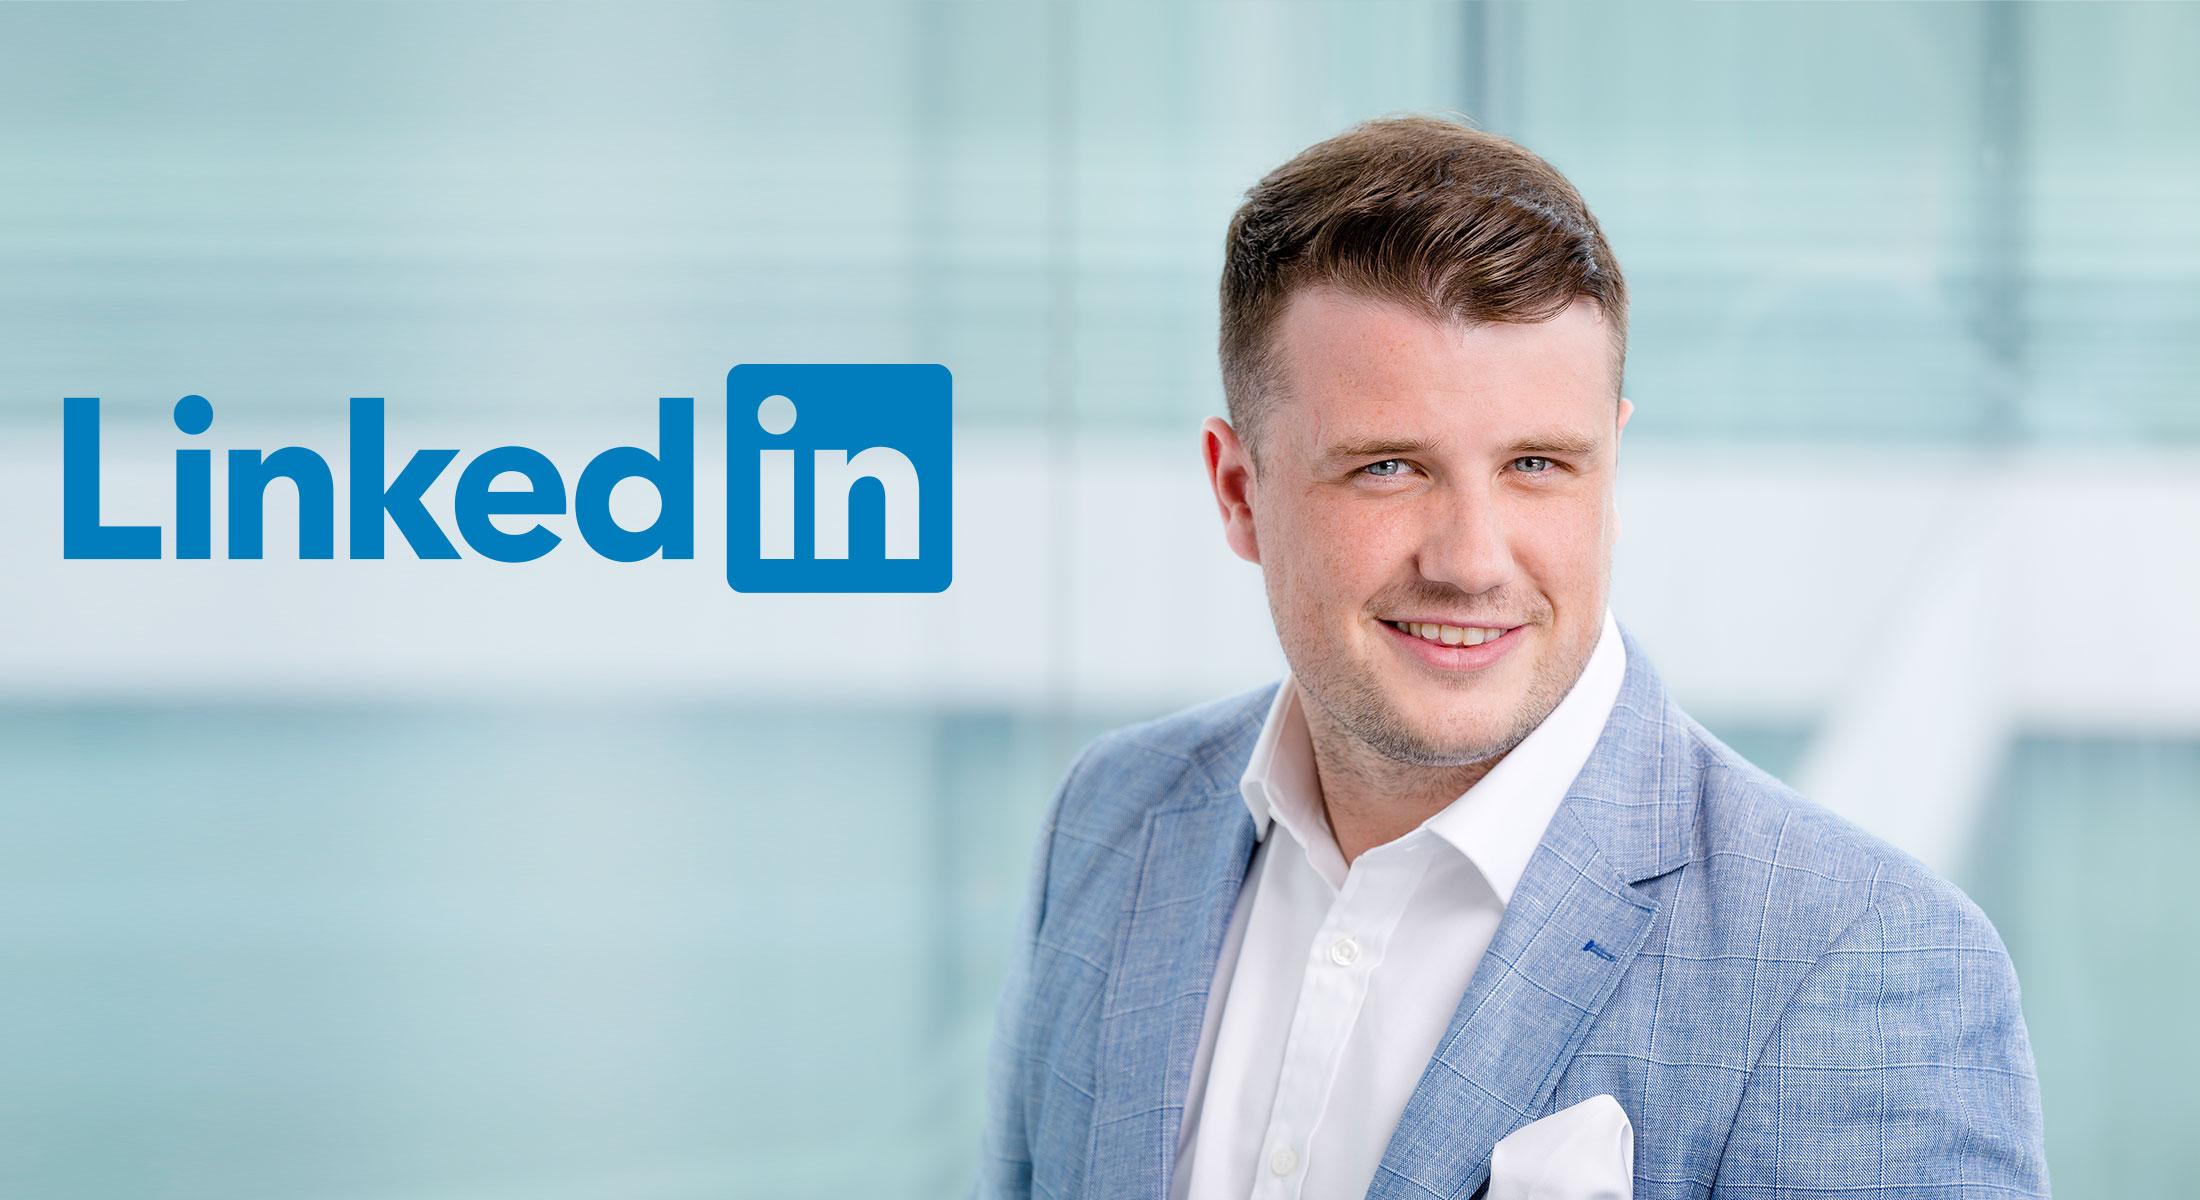 MCSH Webinar: LinkedIn